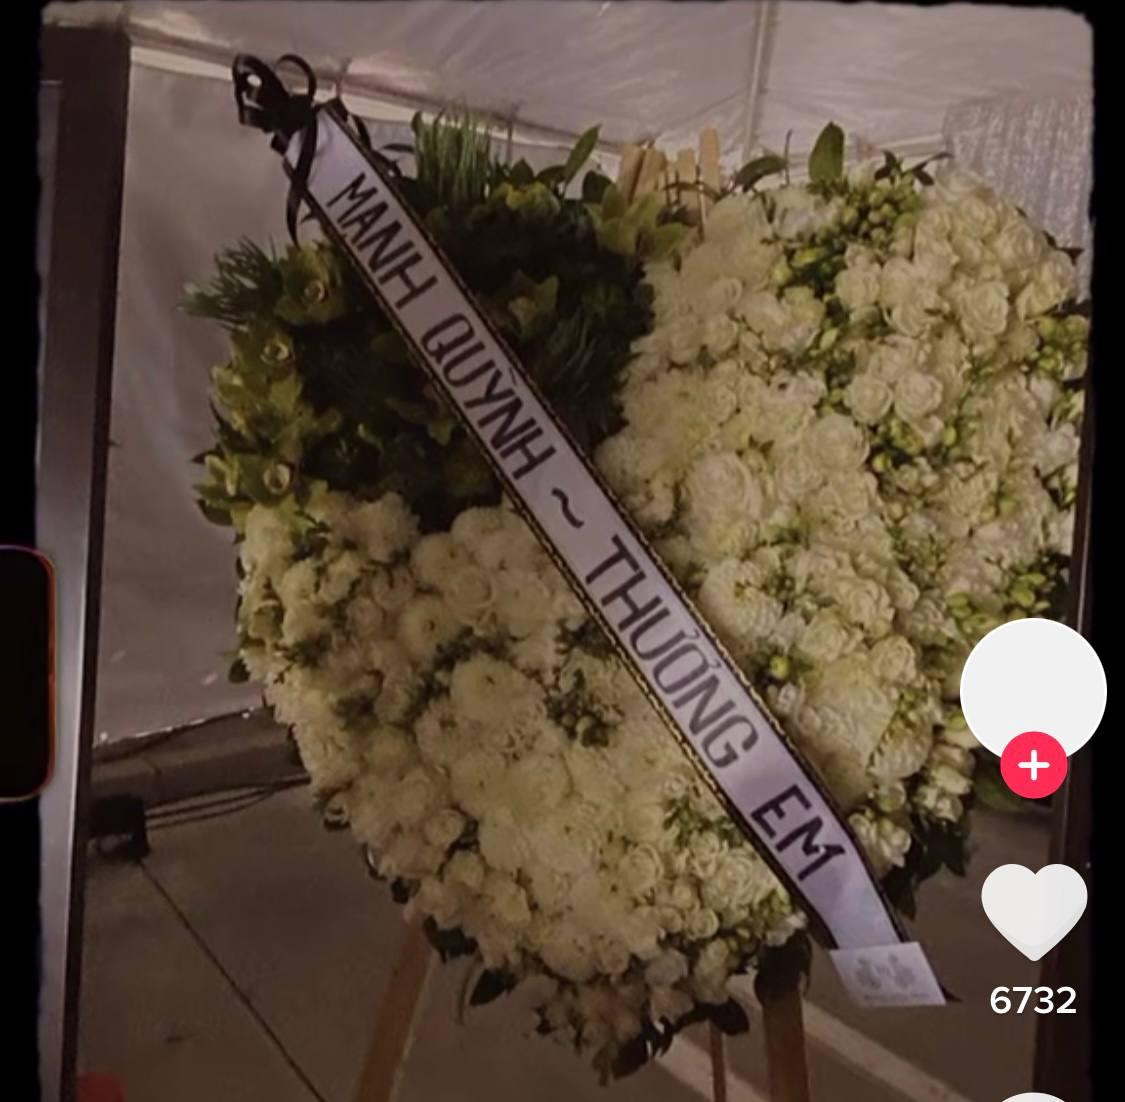 Netizen chú ý hình ảnh vòng hoa Mạnh Quỳnh gửi viếng Phi Nhung tại tang lễ ở Mỹ, chỉ 2 chữ nghe mà xót xa - Ảnh 3.